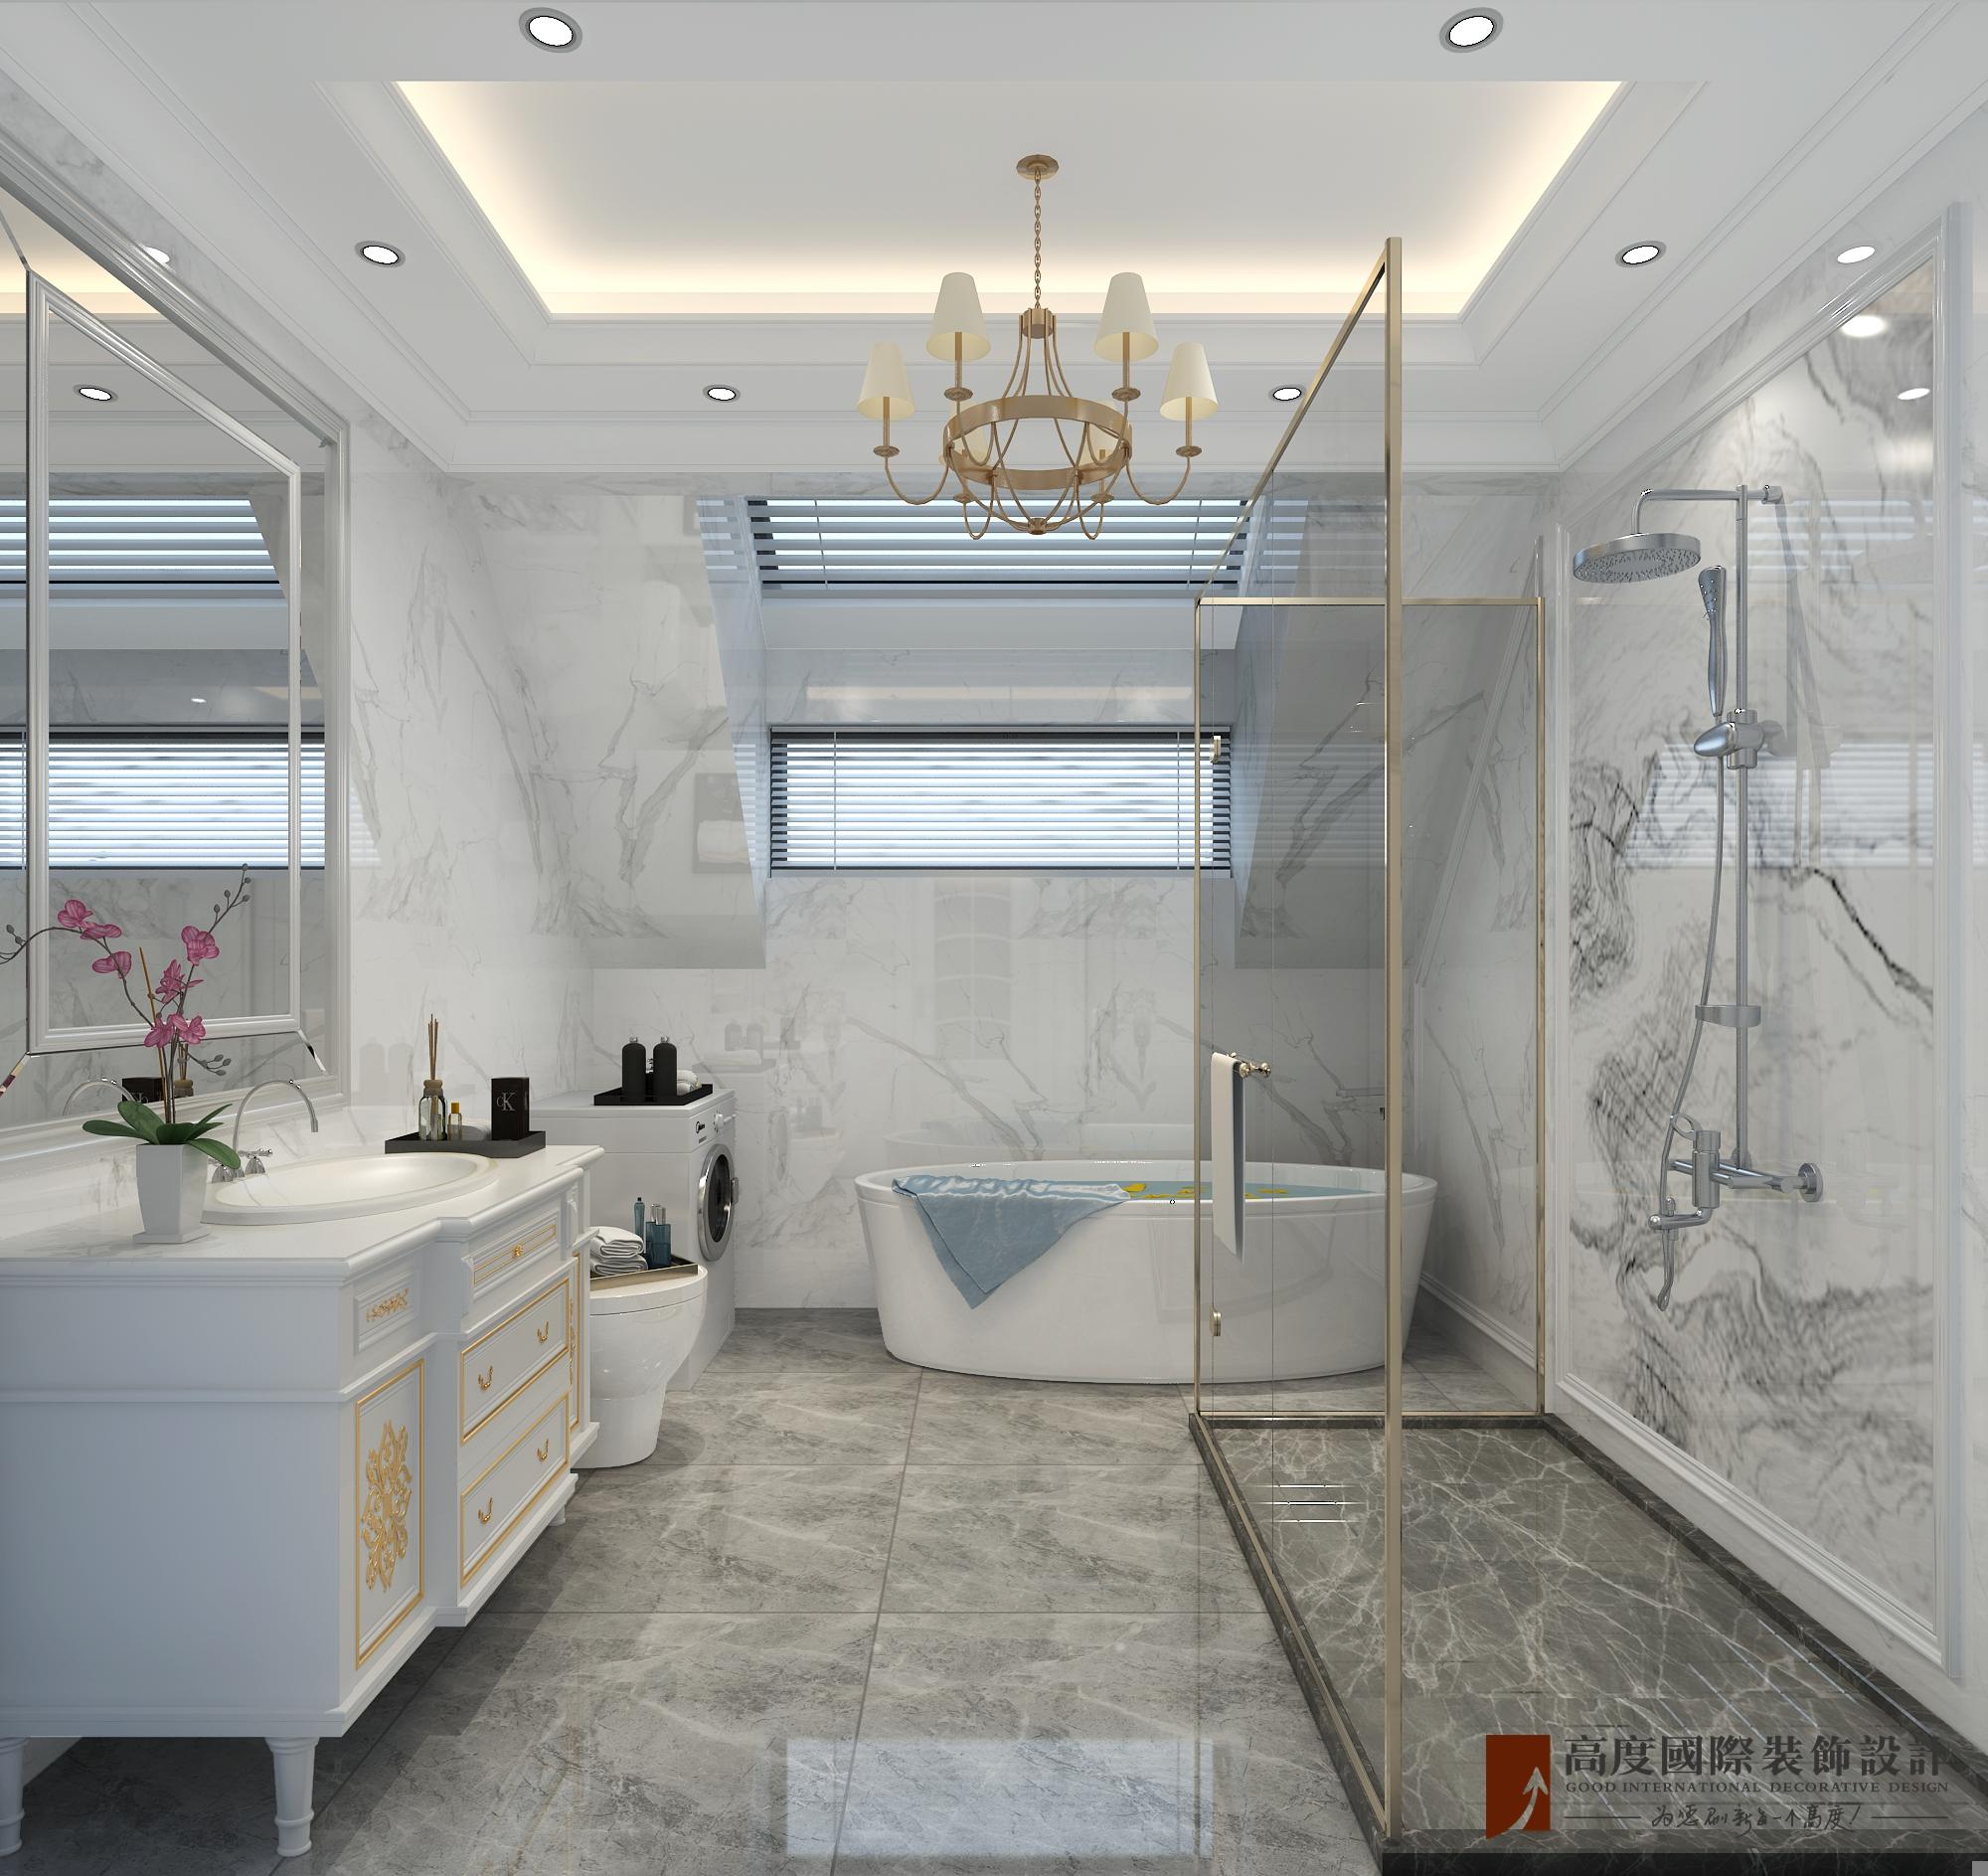 新古典 法式 别墅 跃层 复式 大户型 loft 80后 卫生间图片来自高度国际姚吉智在泷悦长安500平米简约法式精致的分享